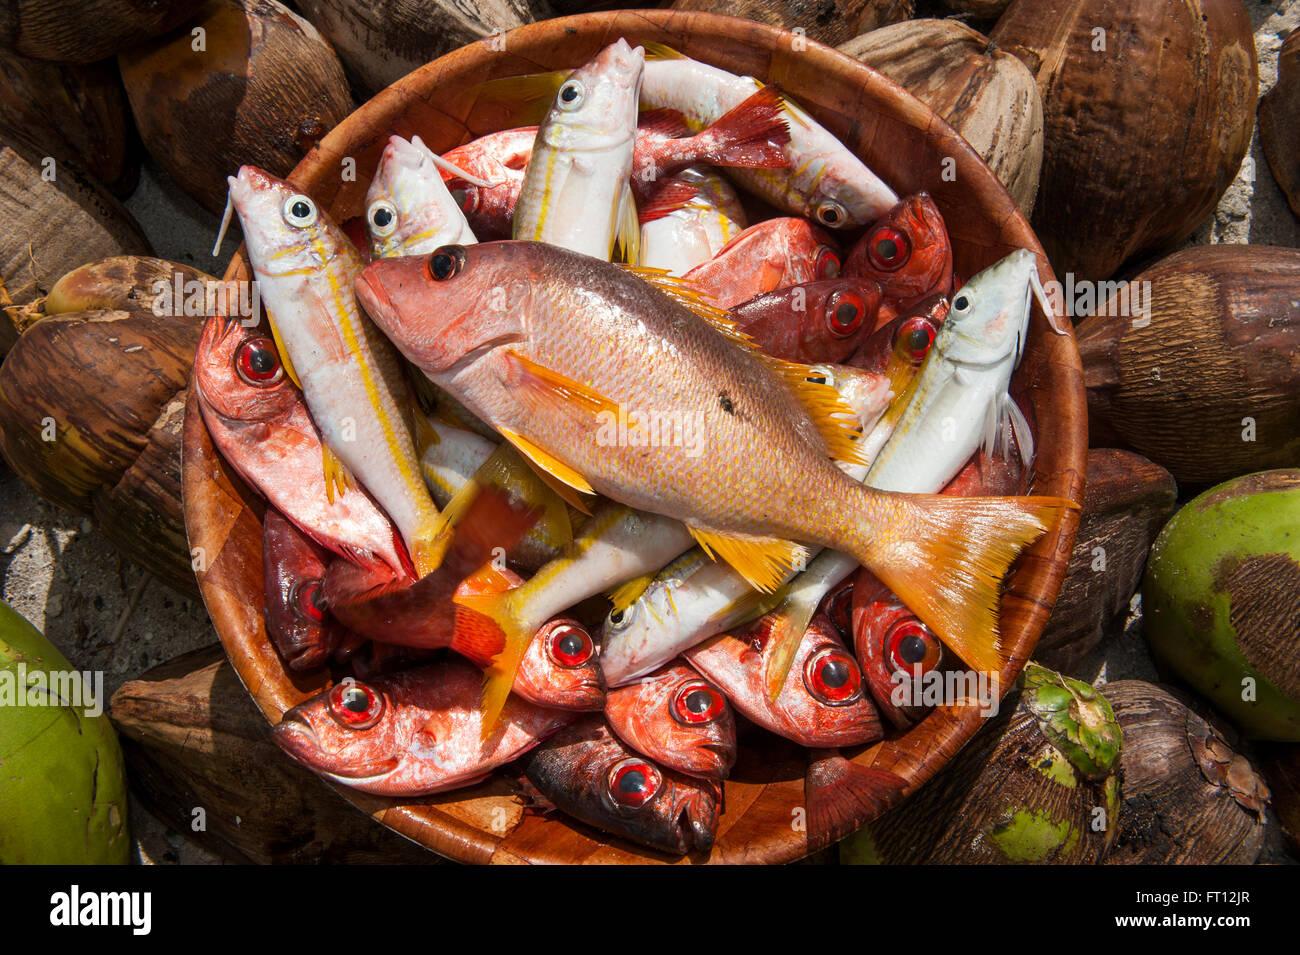 Coloridos peces para venta en un mercado, Makemo, las Islas Tuamotu, en la Polinesia Francesa, Pacífico Sur Imagen De Stock